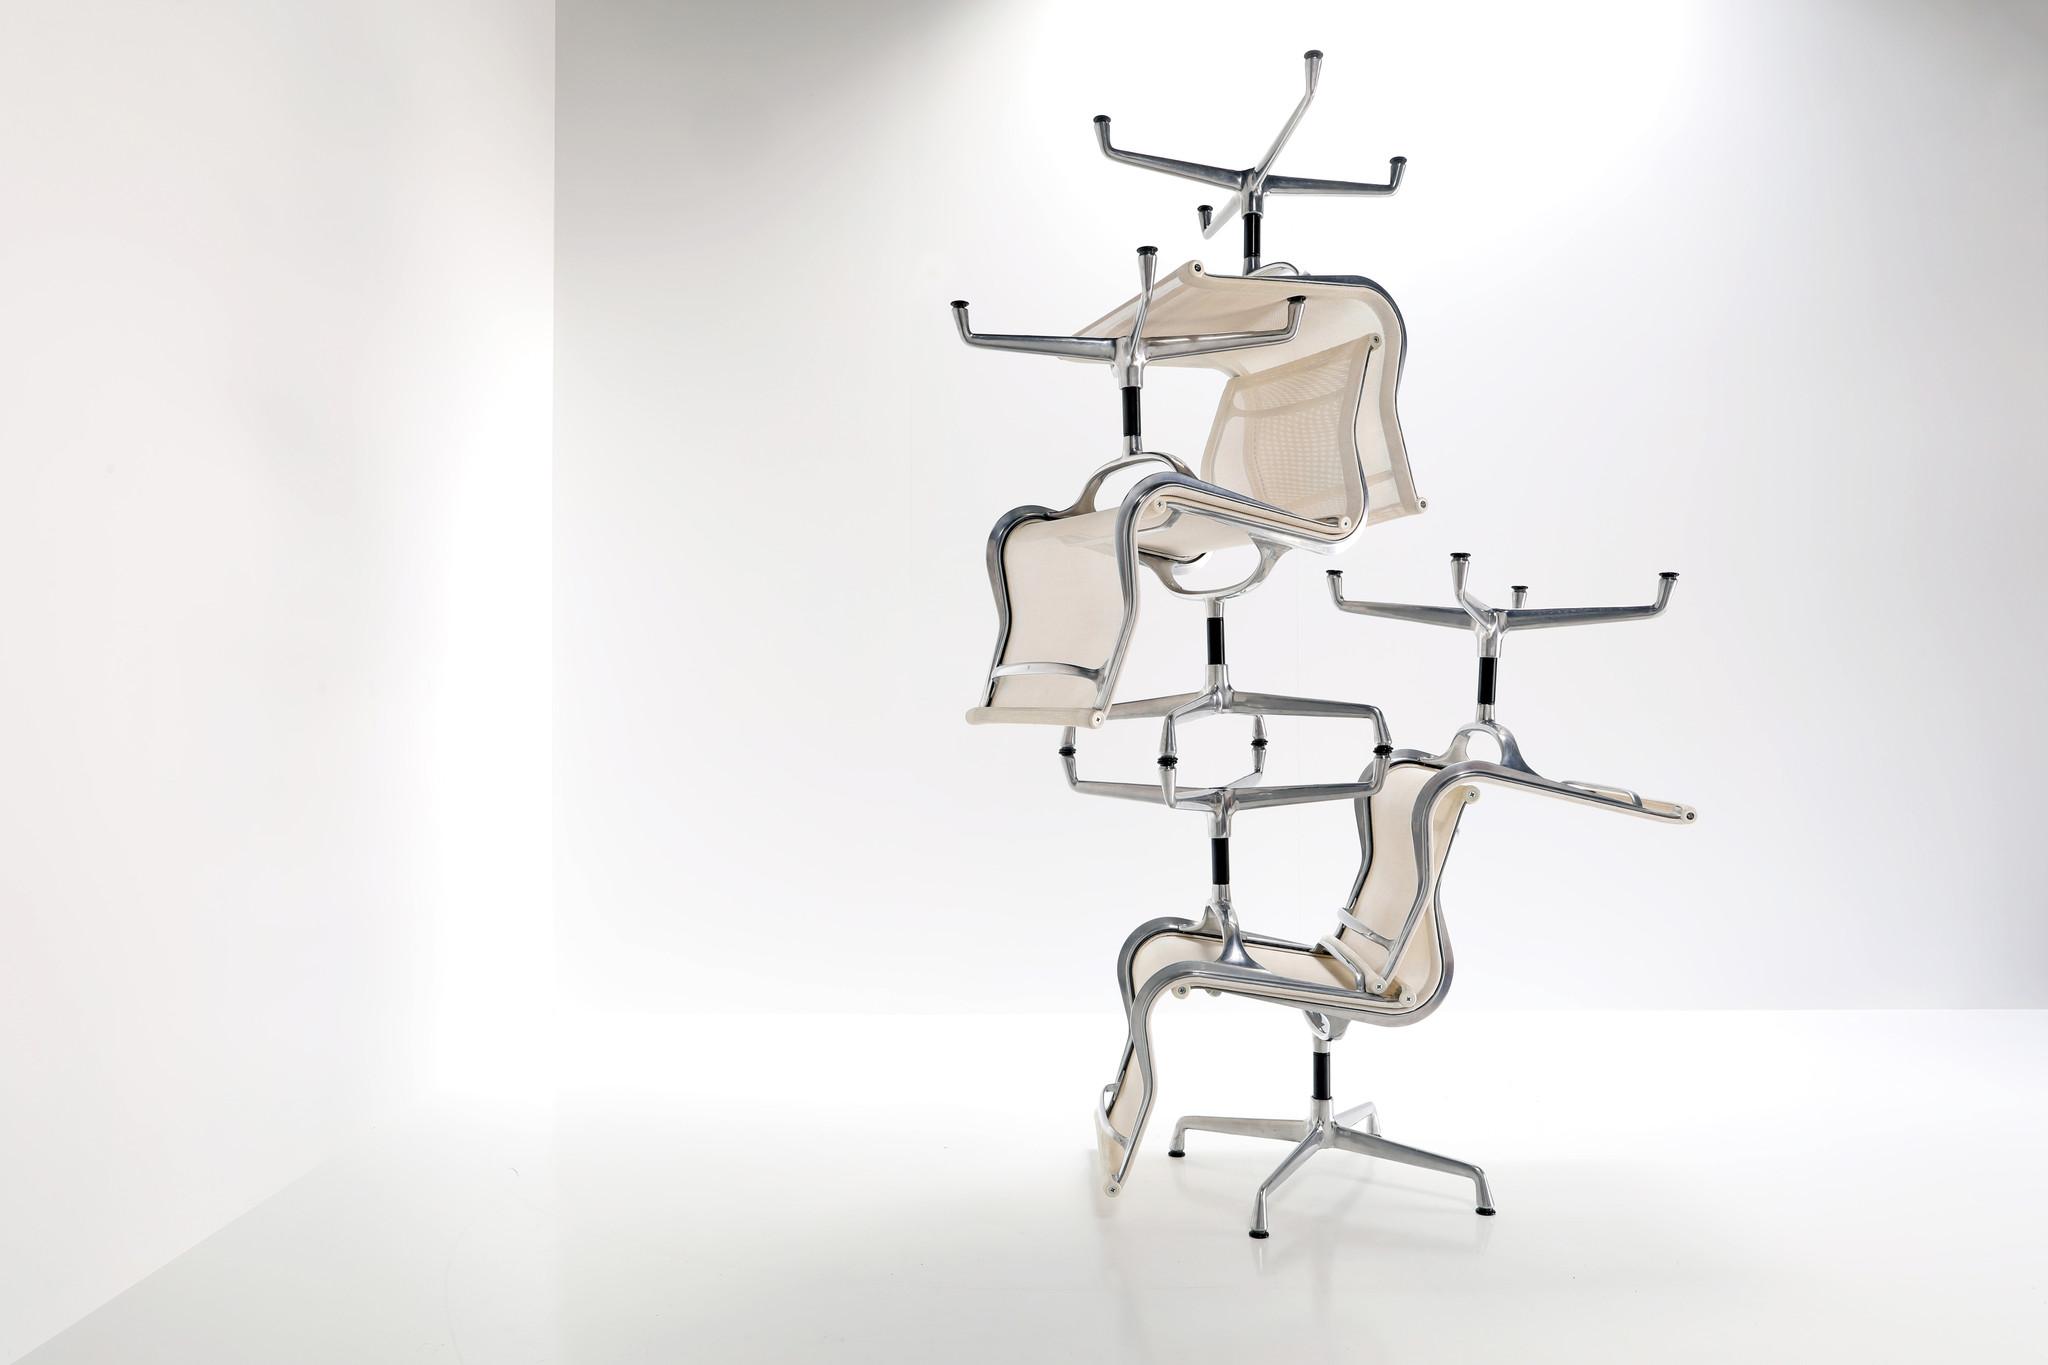 Charles Eames set